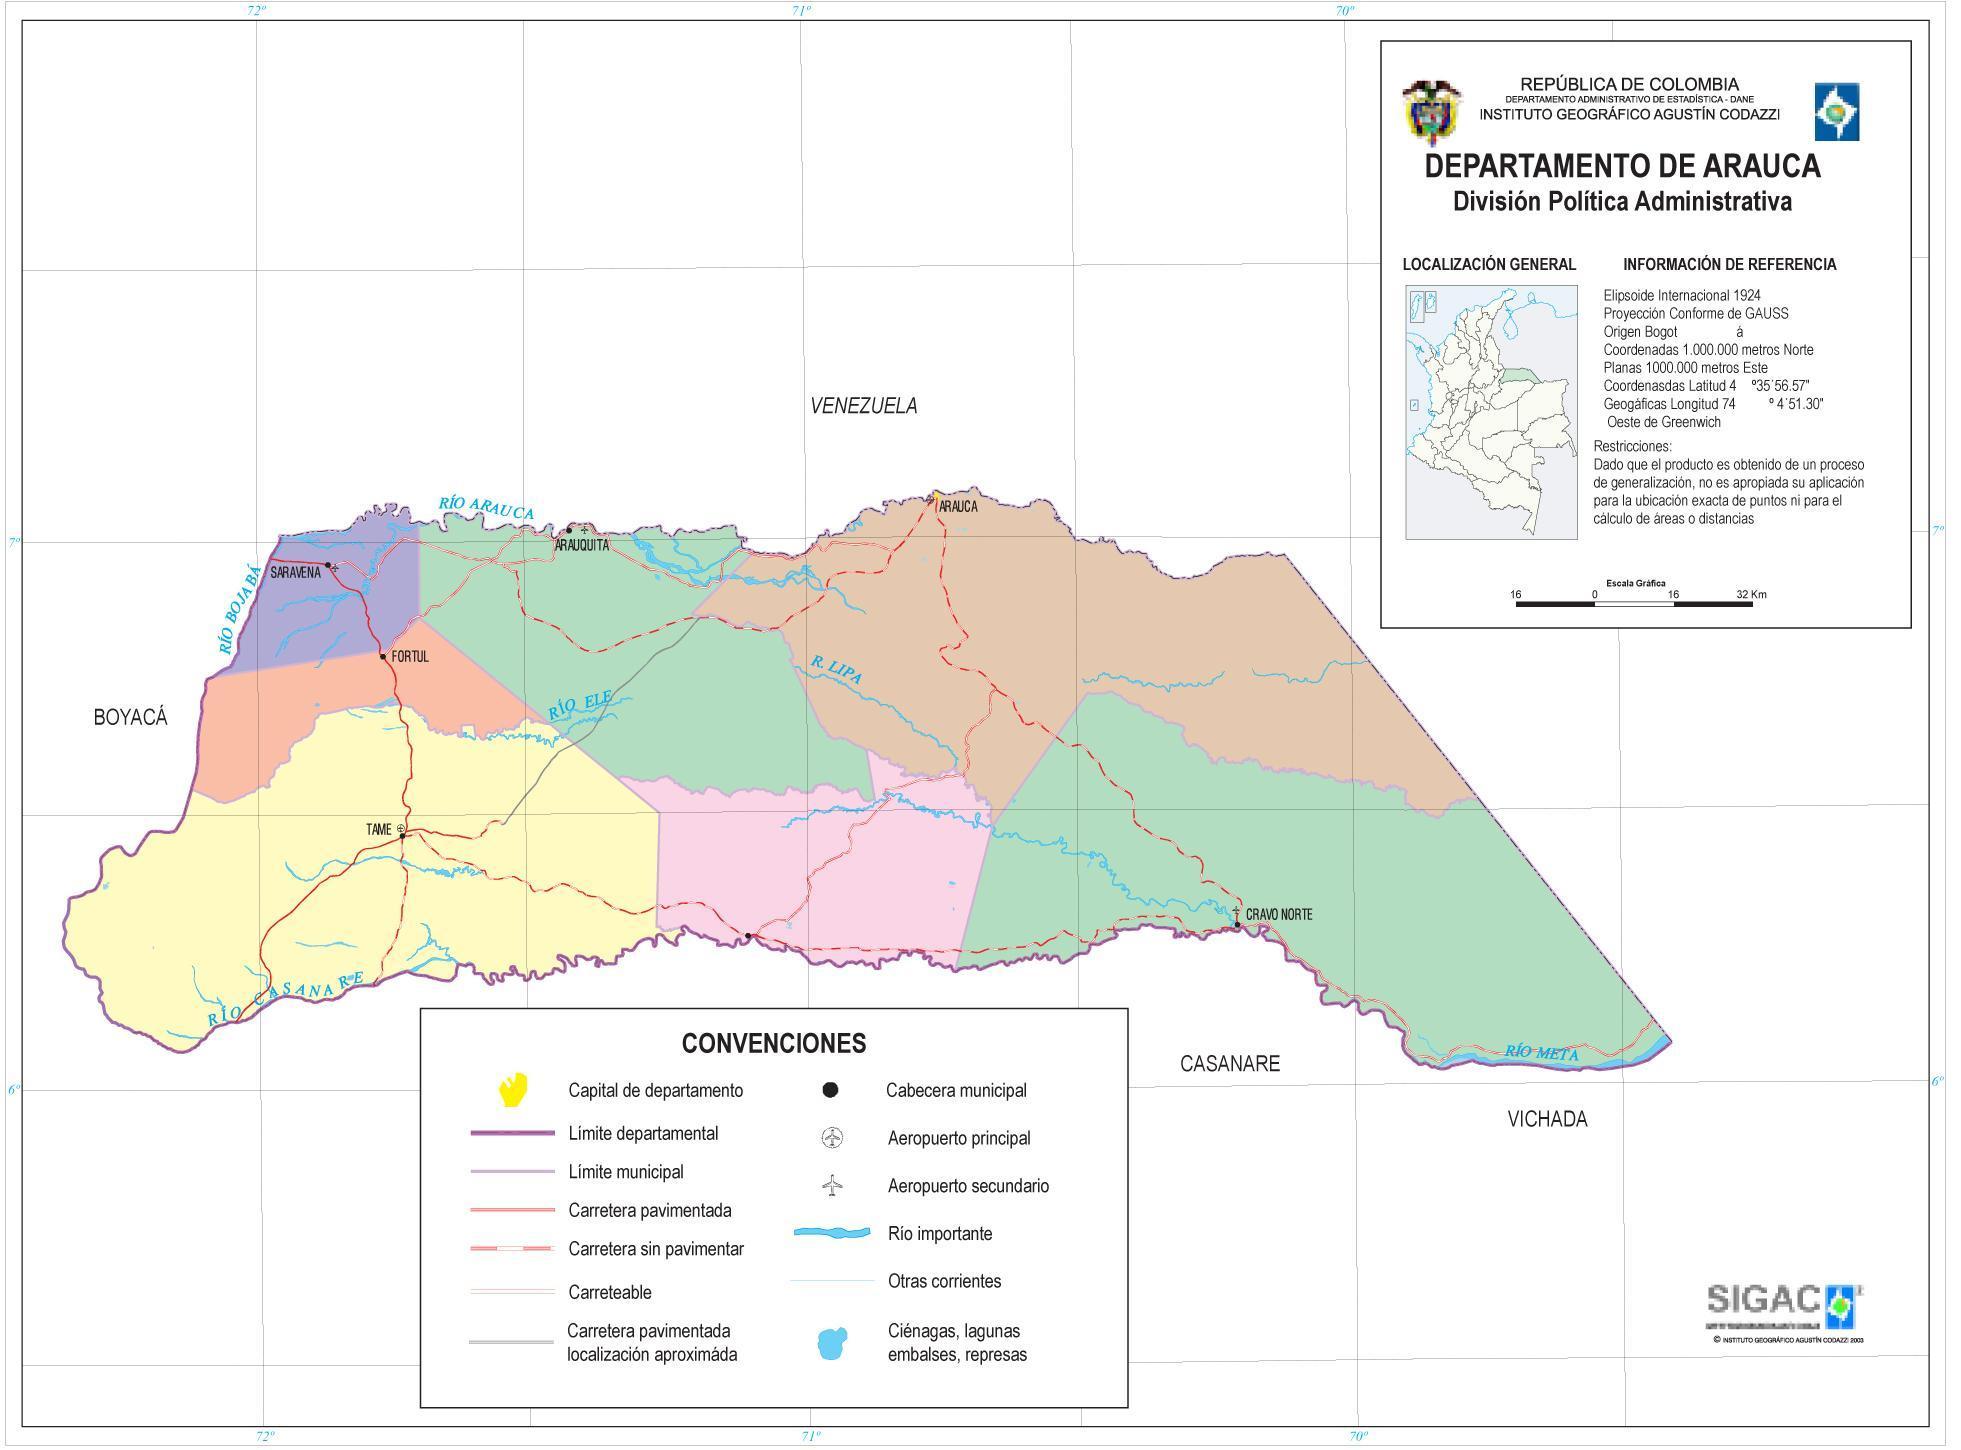 Mapa del Departamento de Arauca, Colombia